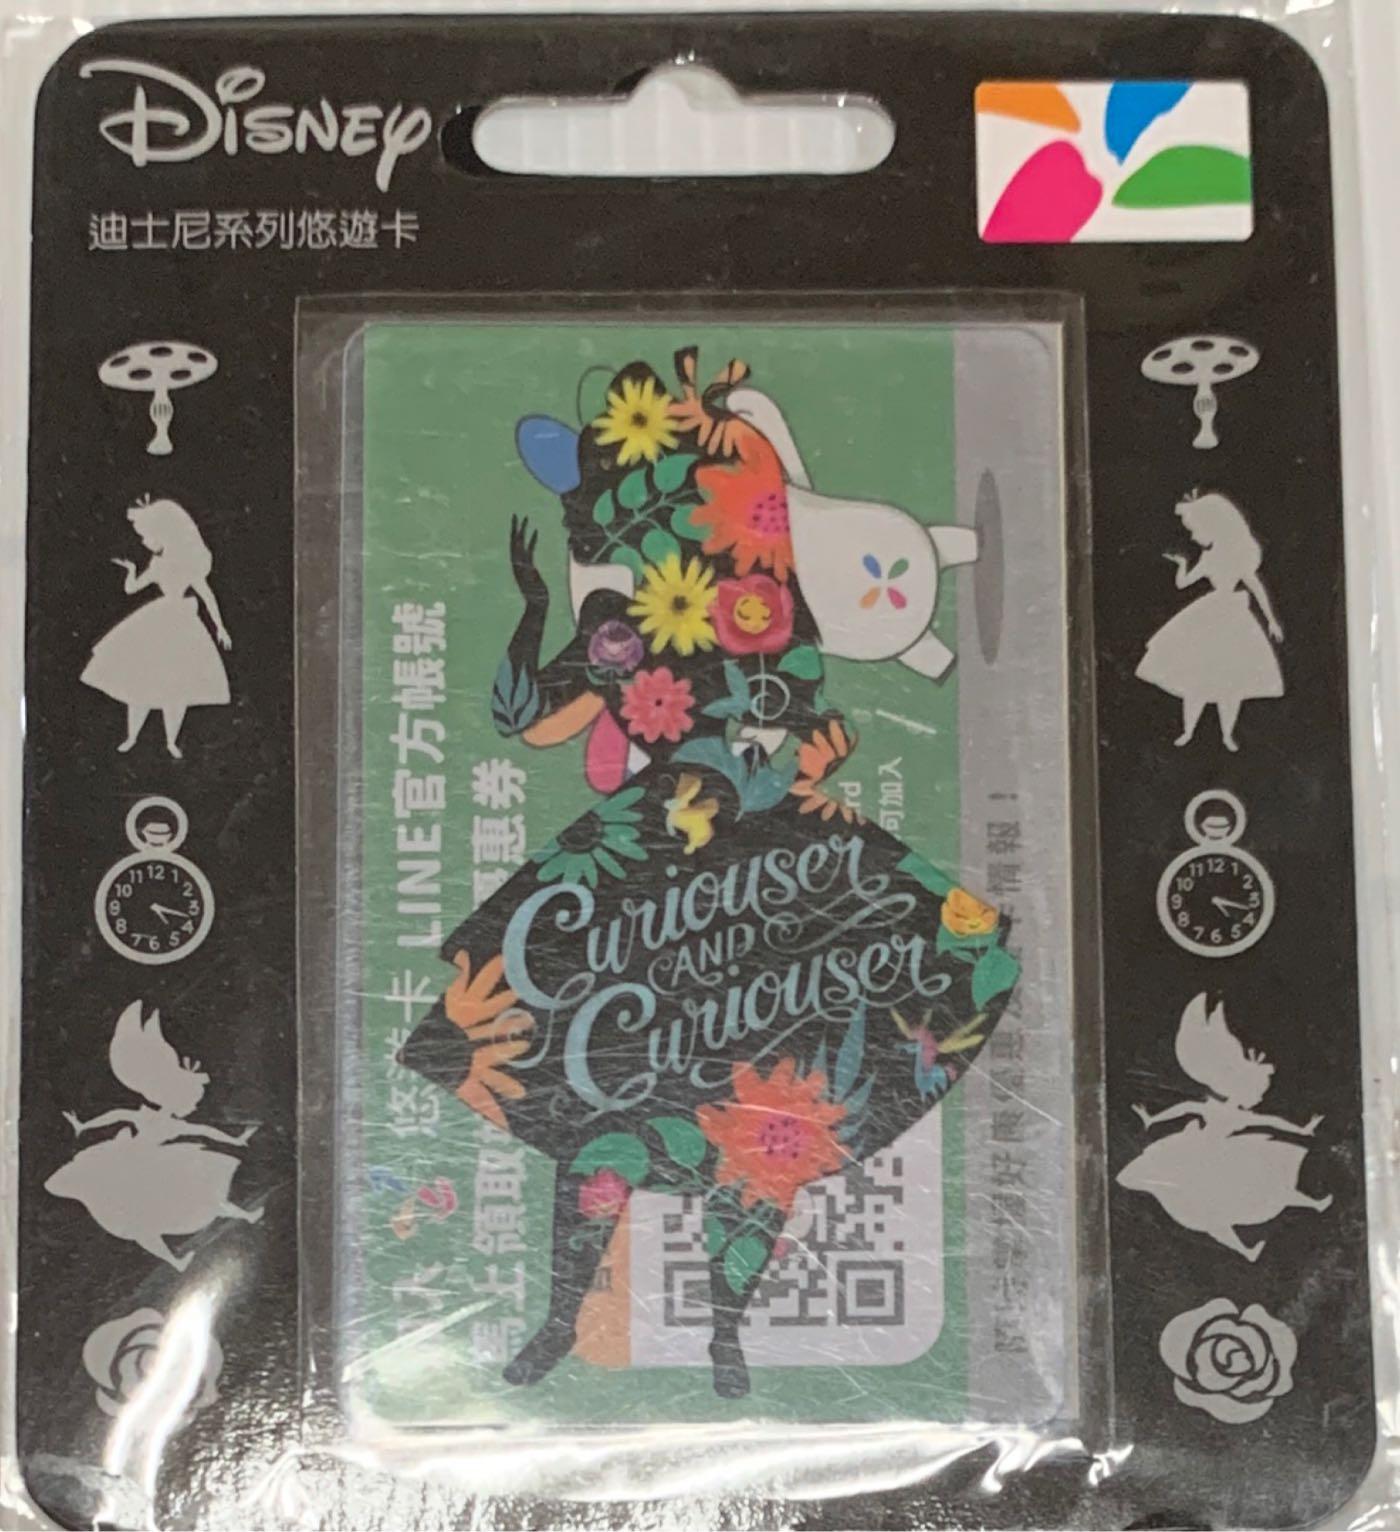 愛麗絲剪影 透明卡 迪士尼系列悠遊卡 一卡通 愛金卡 icash2.0 透明卡 愛麗絲造型